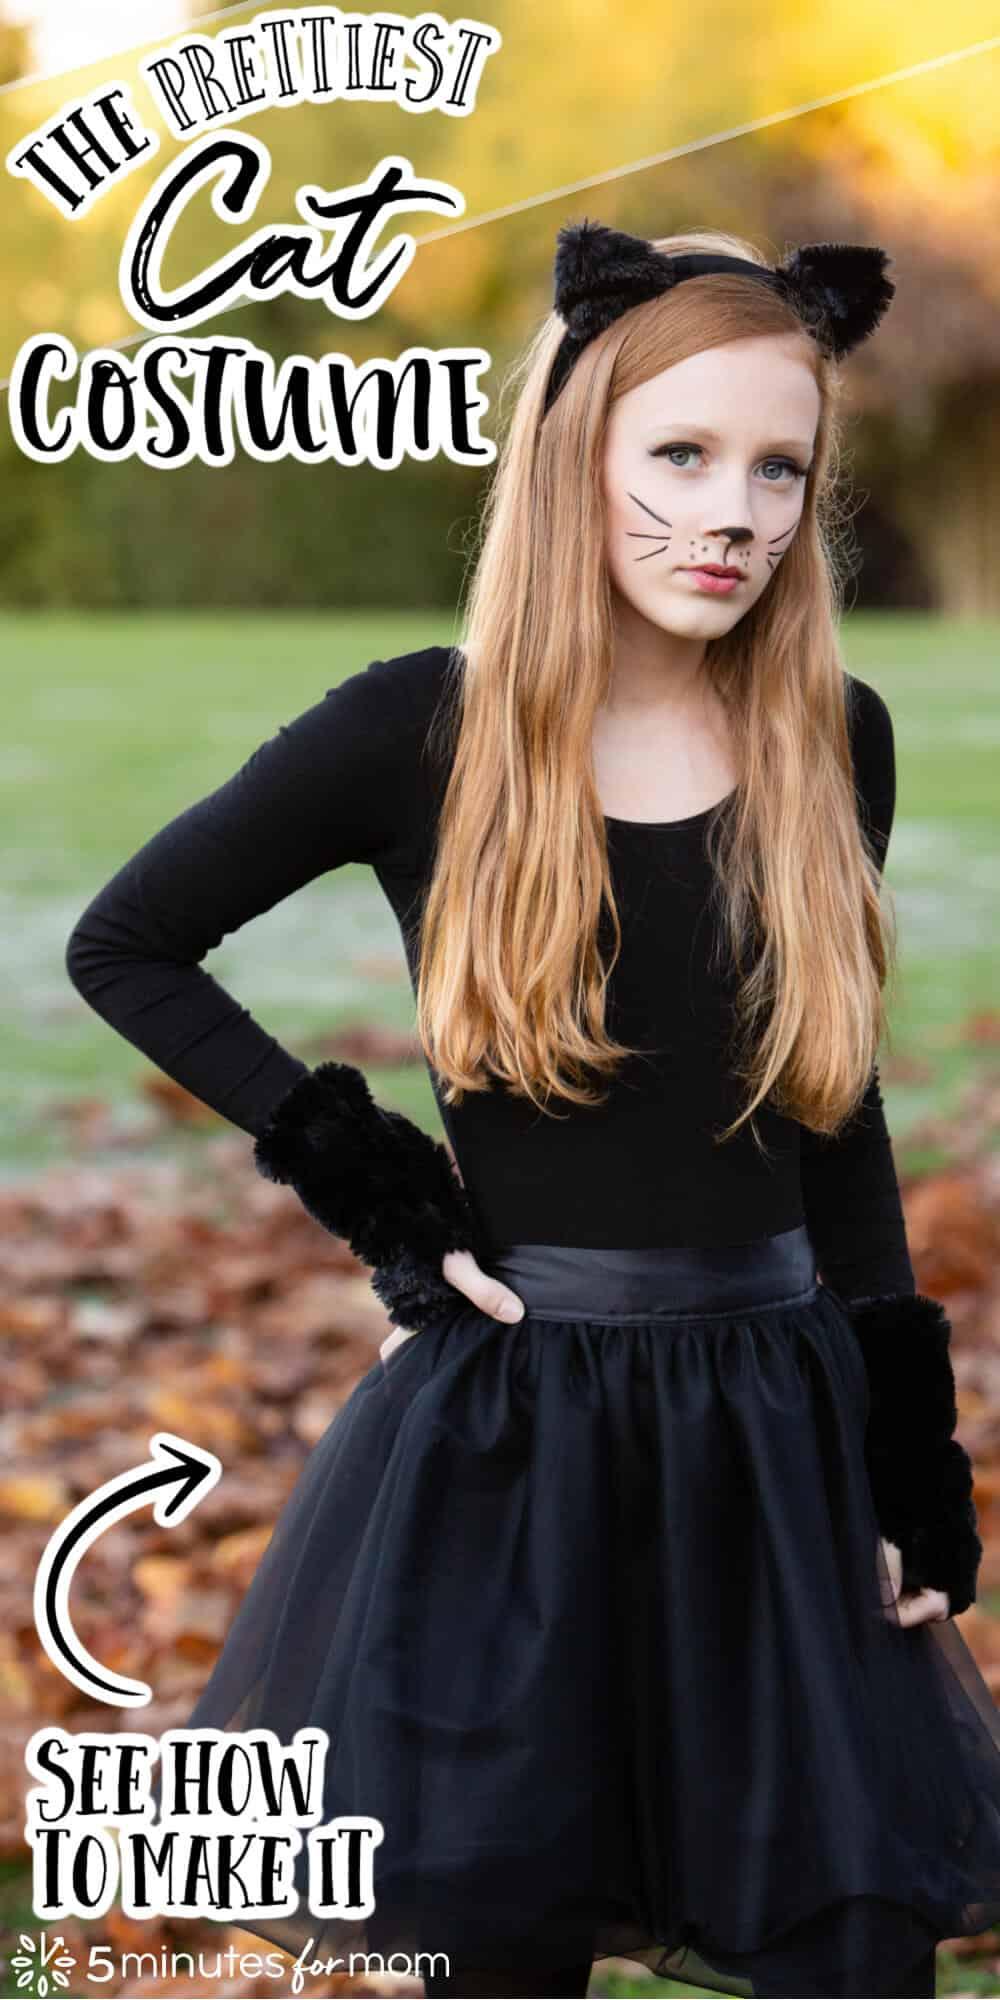 The Prettiest Cat Costume - DIY Halloween Costume